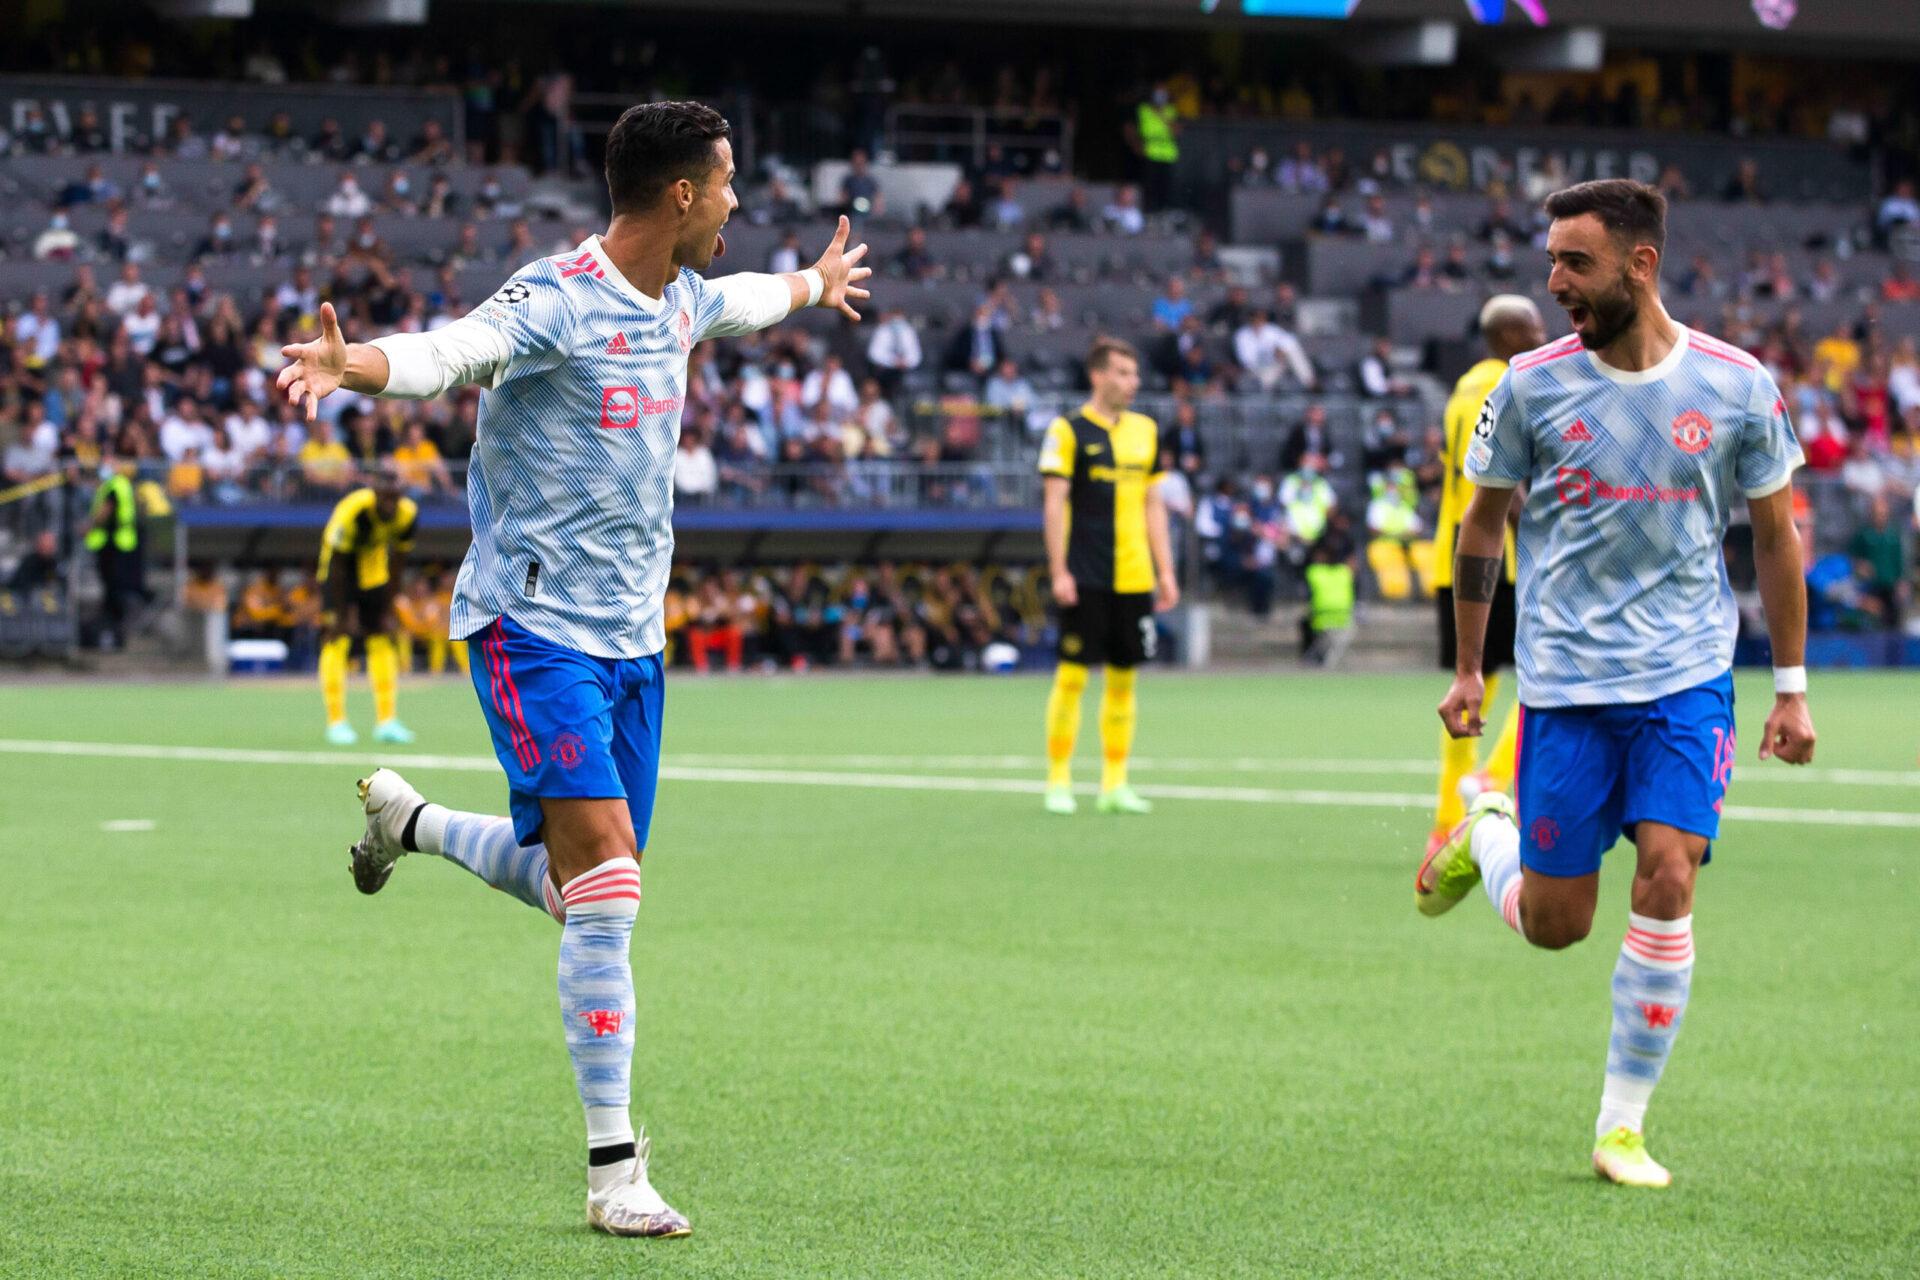 Cristiano Ronaldo célèbre son but face aux Young Boys de Berne en Ligue des champions. Icon Sport